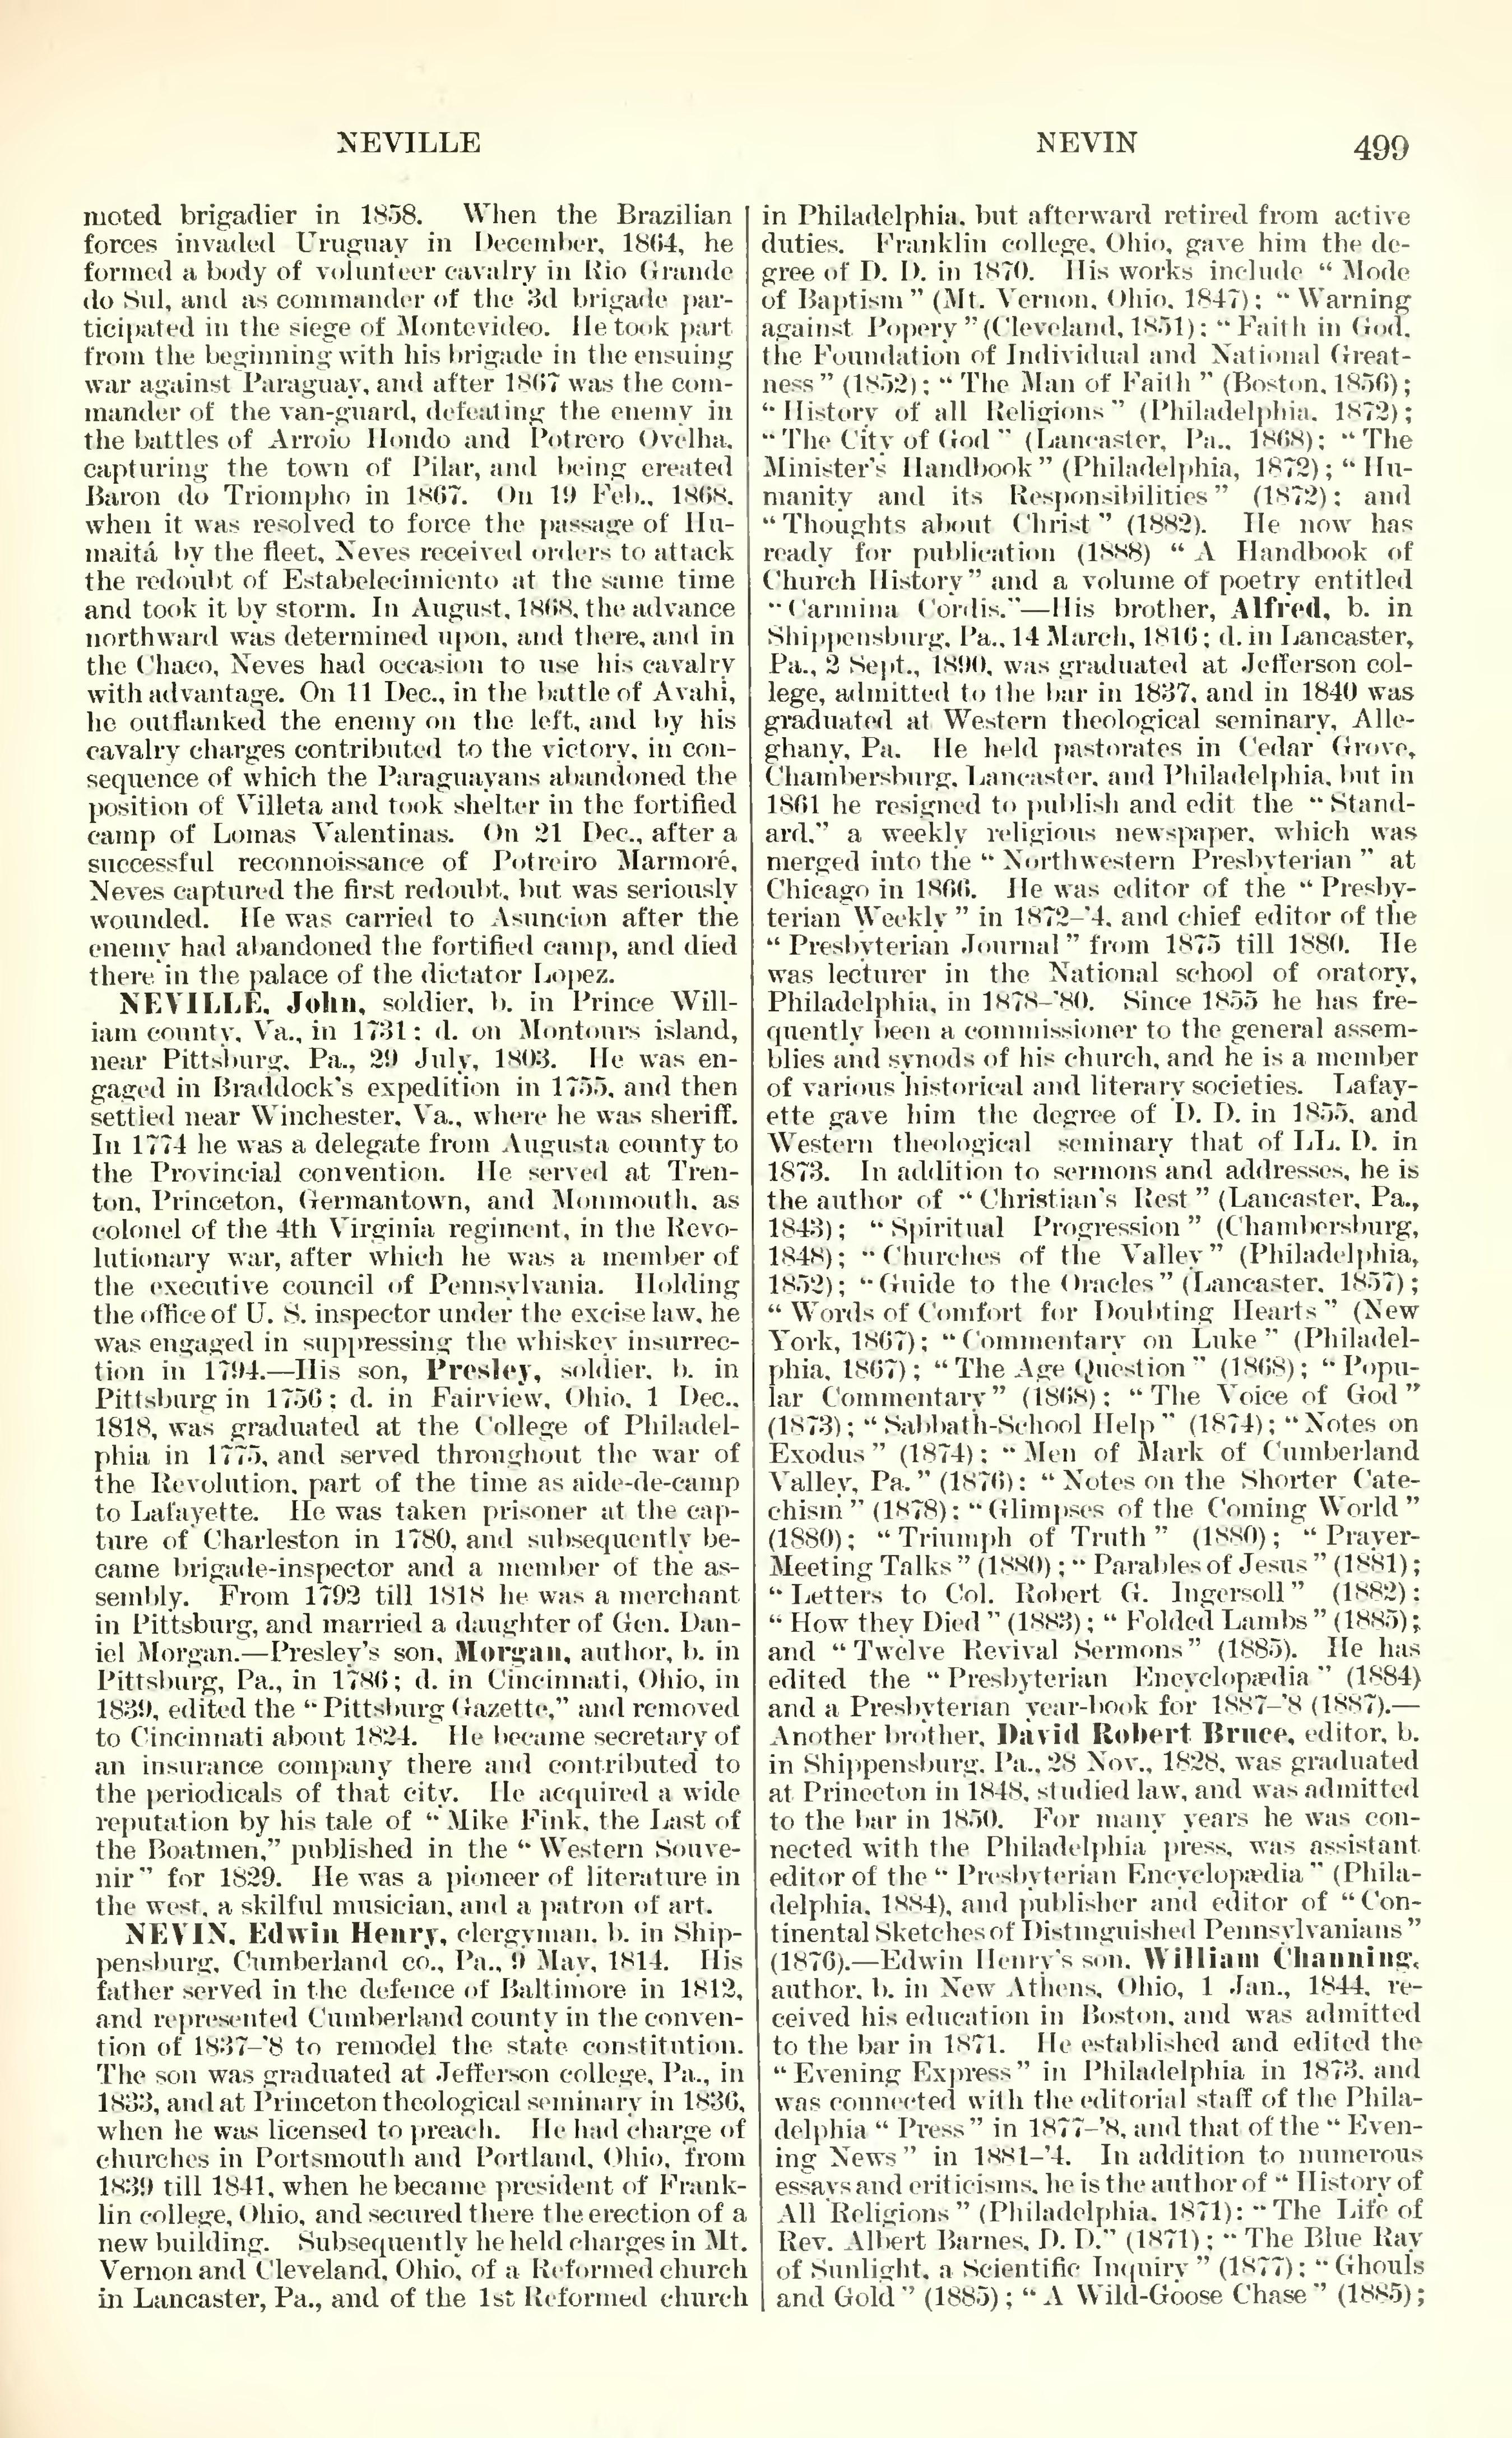 Alexander pope an essay of man